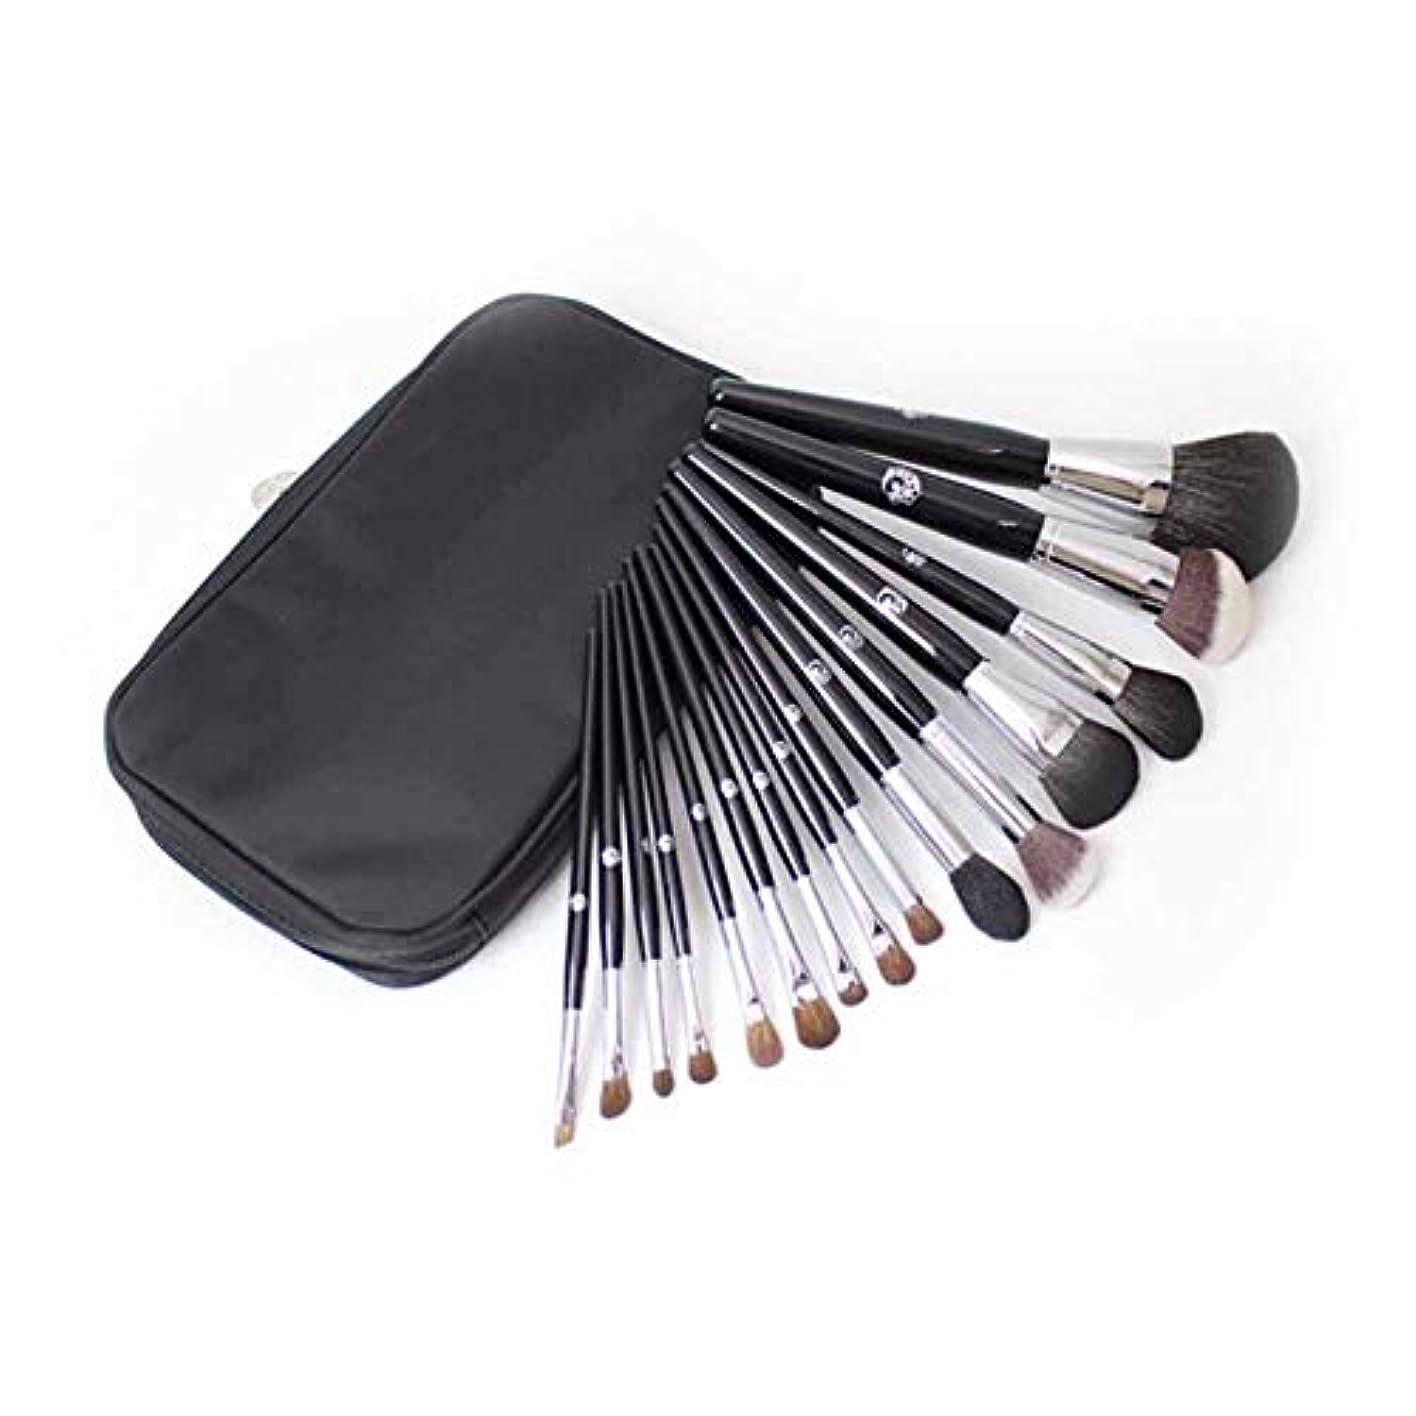 減少北方感謝XIAOCHAOSD メイクブラシ、15個のメイクブラシ、美容ツールのフルセット、キャンバス収納袋付きプロフェッショナルメイクアップセット、簡単に運ぶために (Color : Black)